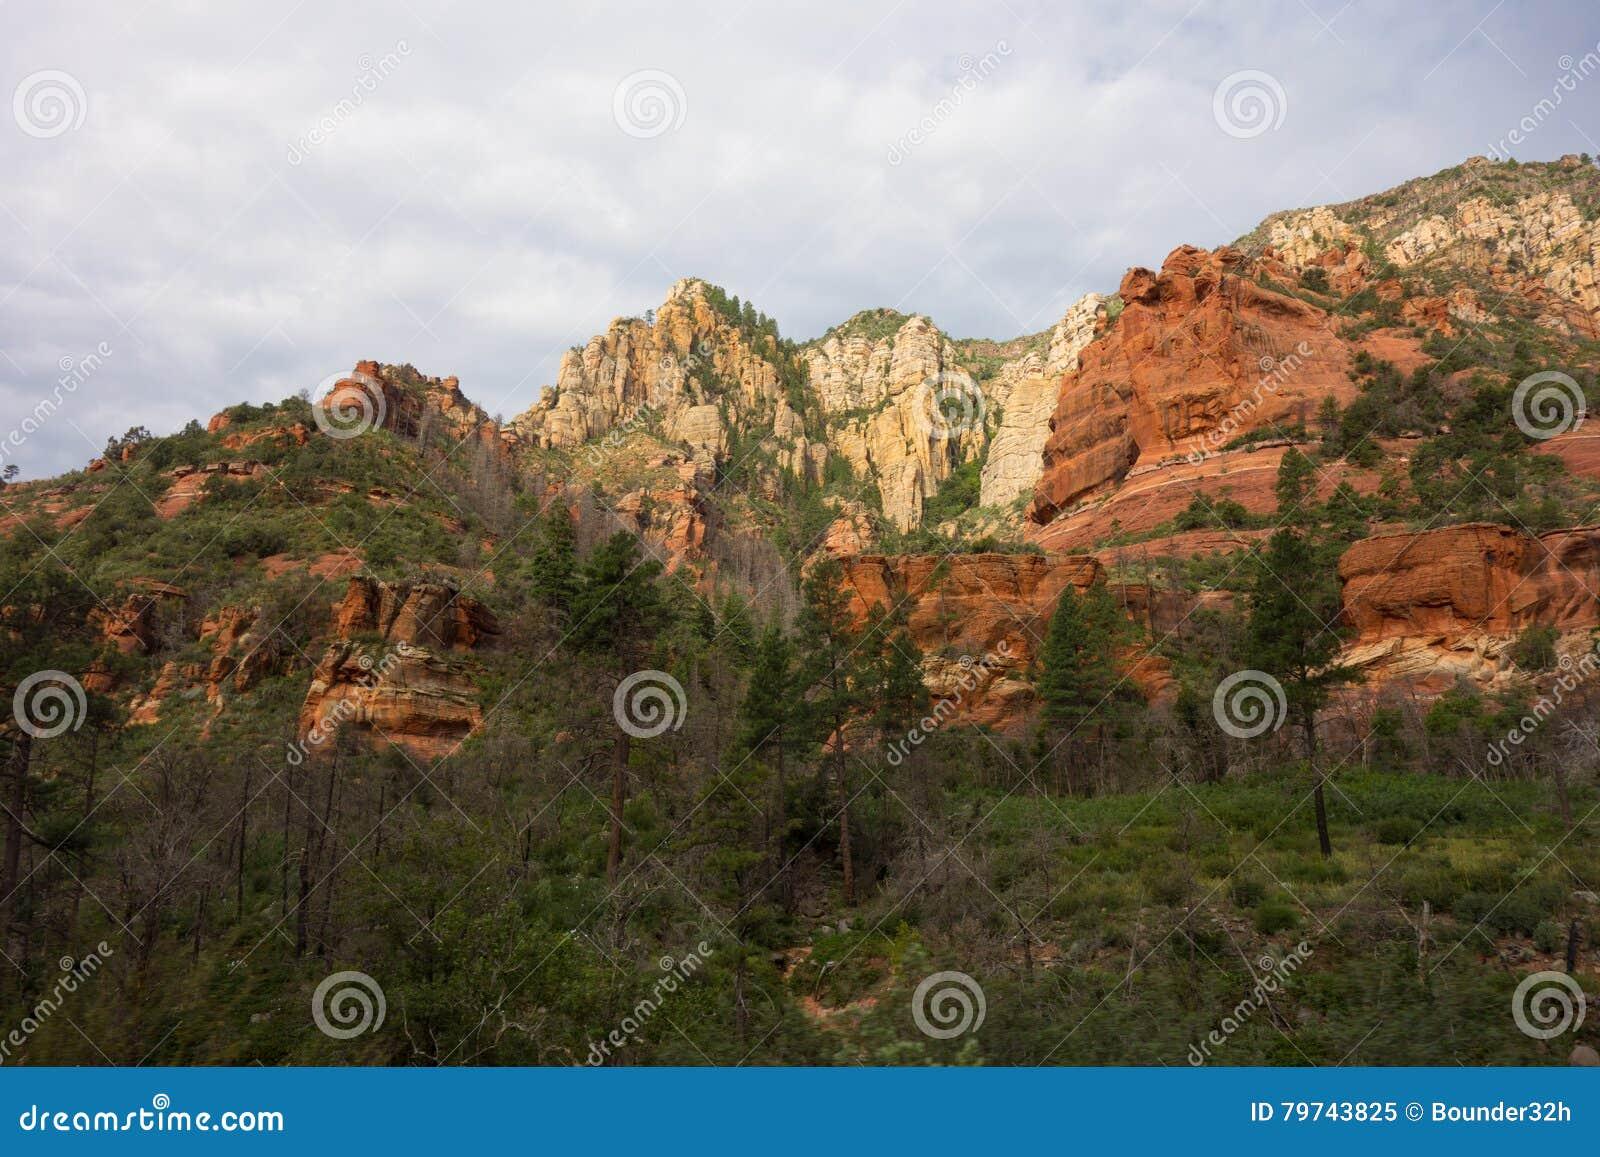 Acantilados coloridos de la piedra arenisca en Arizona